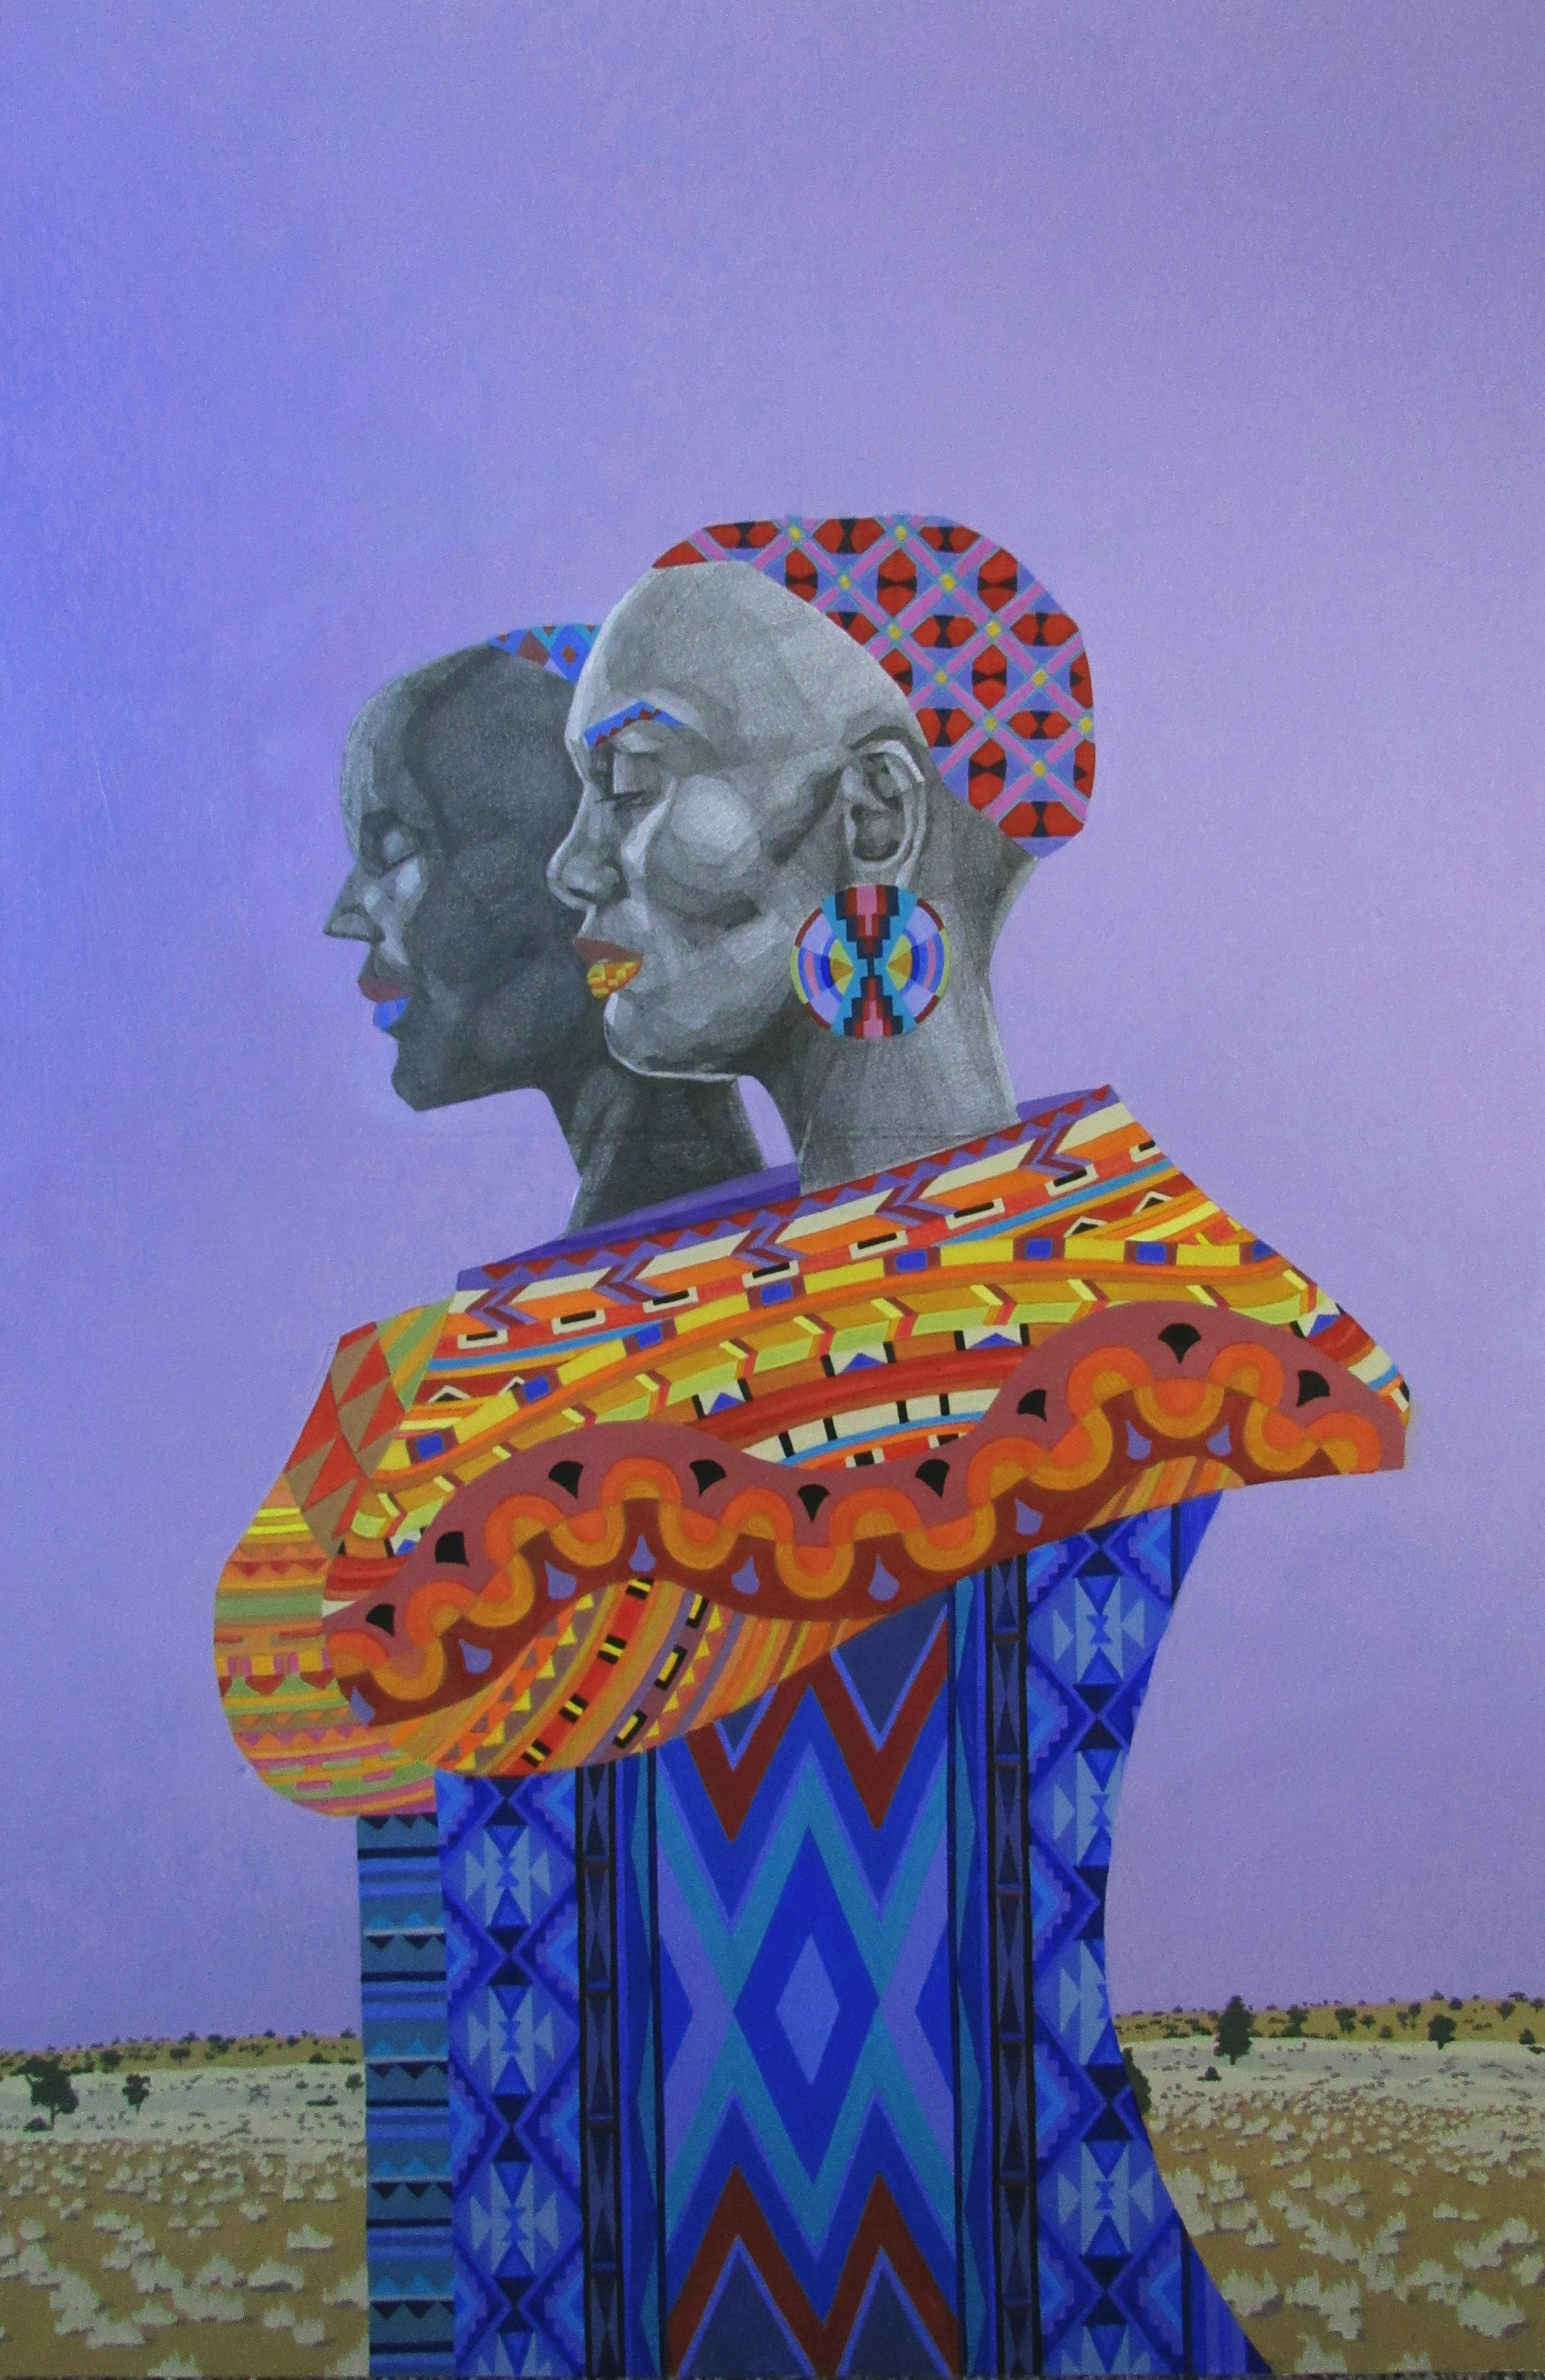 Two women walking in the desert